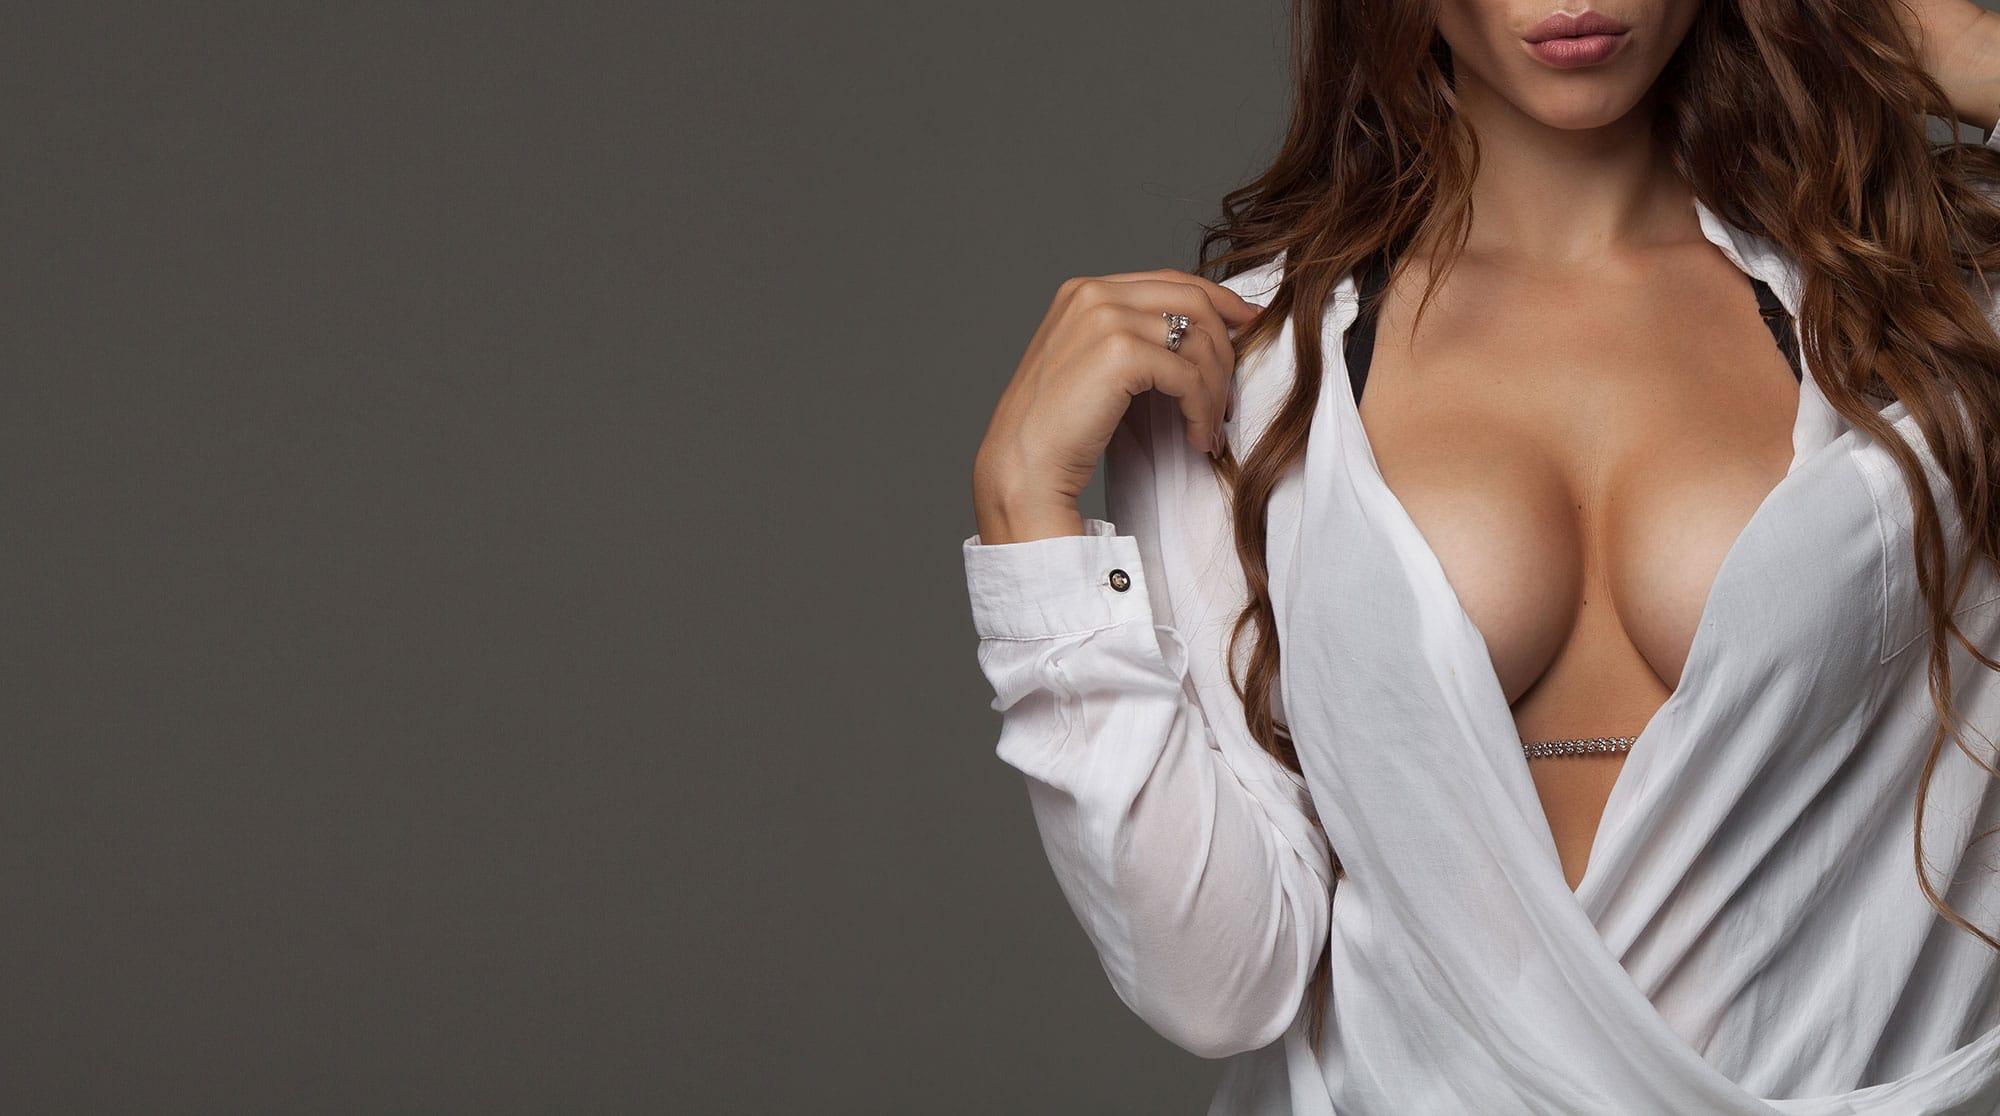 5 wochen nach brustvergrößerung